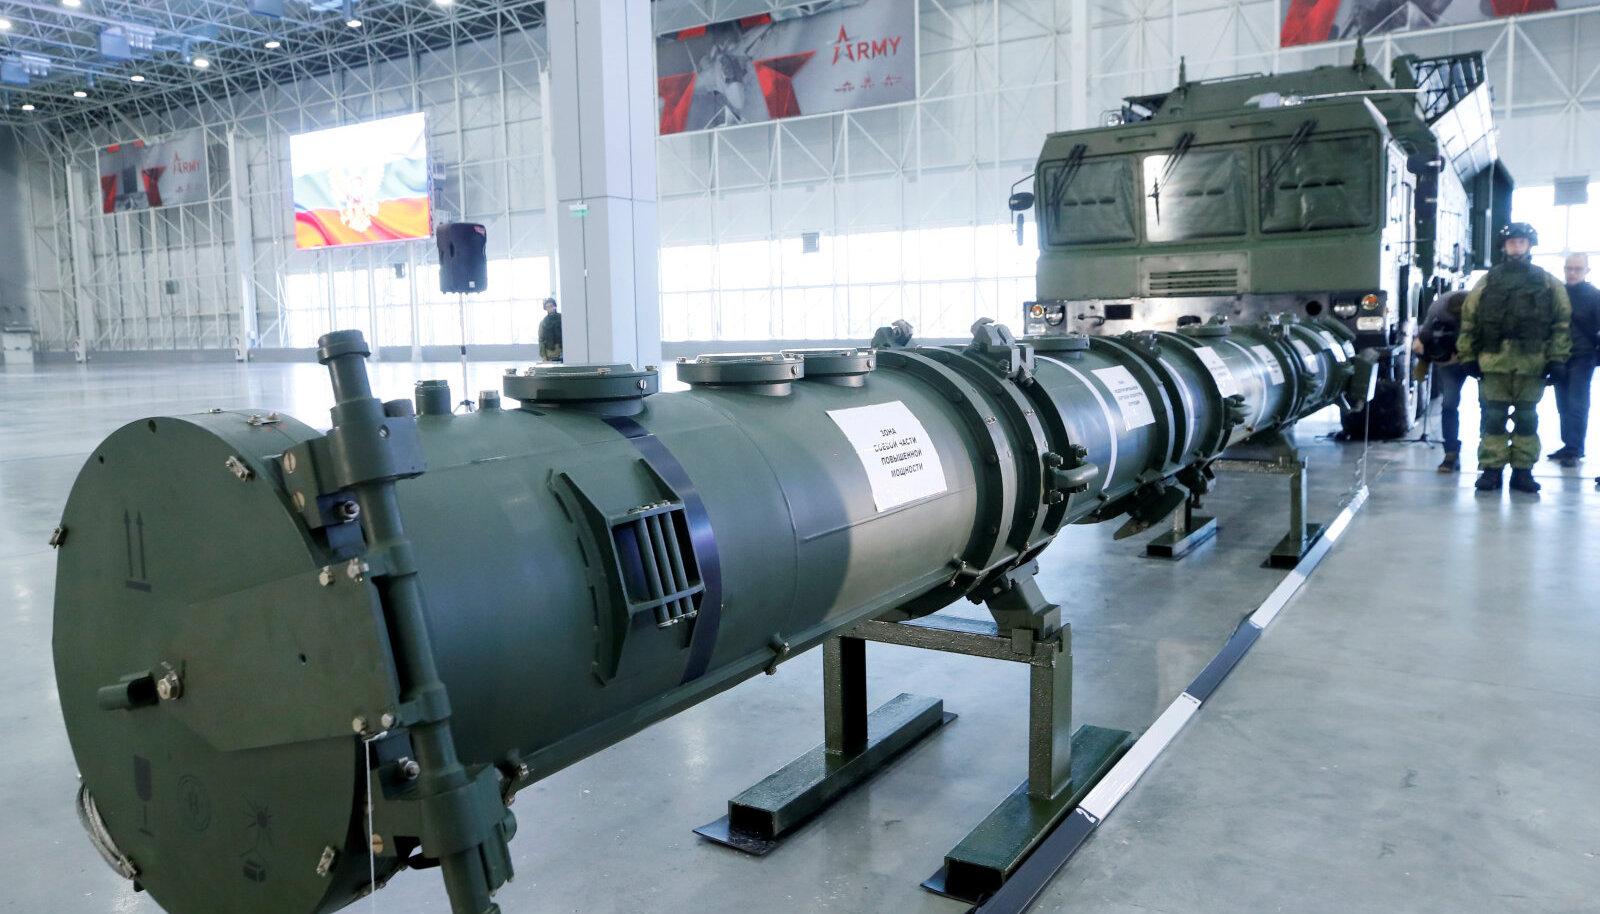 Vene rakett SSC-8, mida USA peab relvastusleppe rikkumiseks